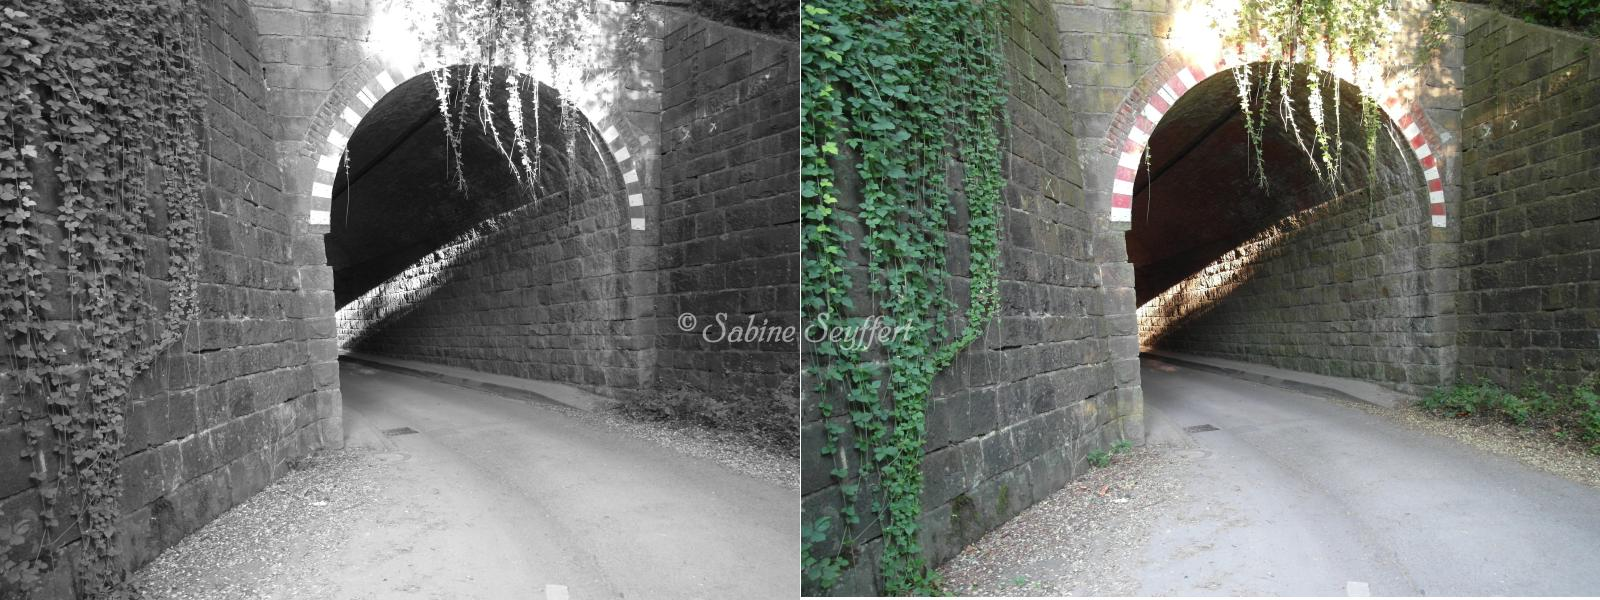 Tunnel Doppel 2groß